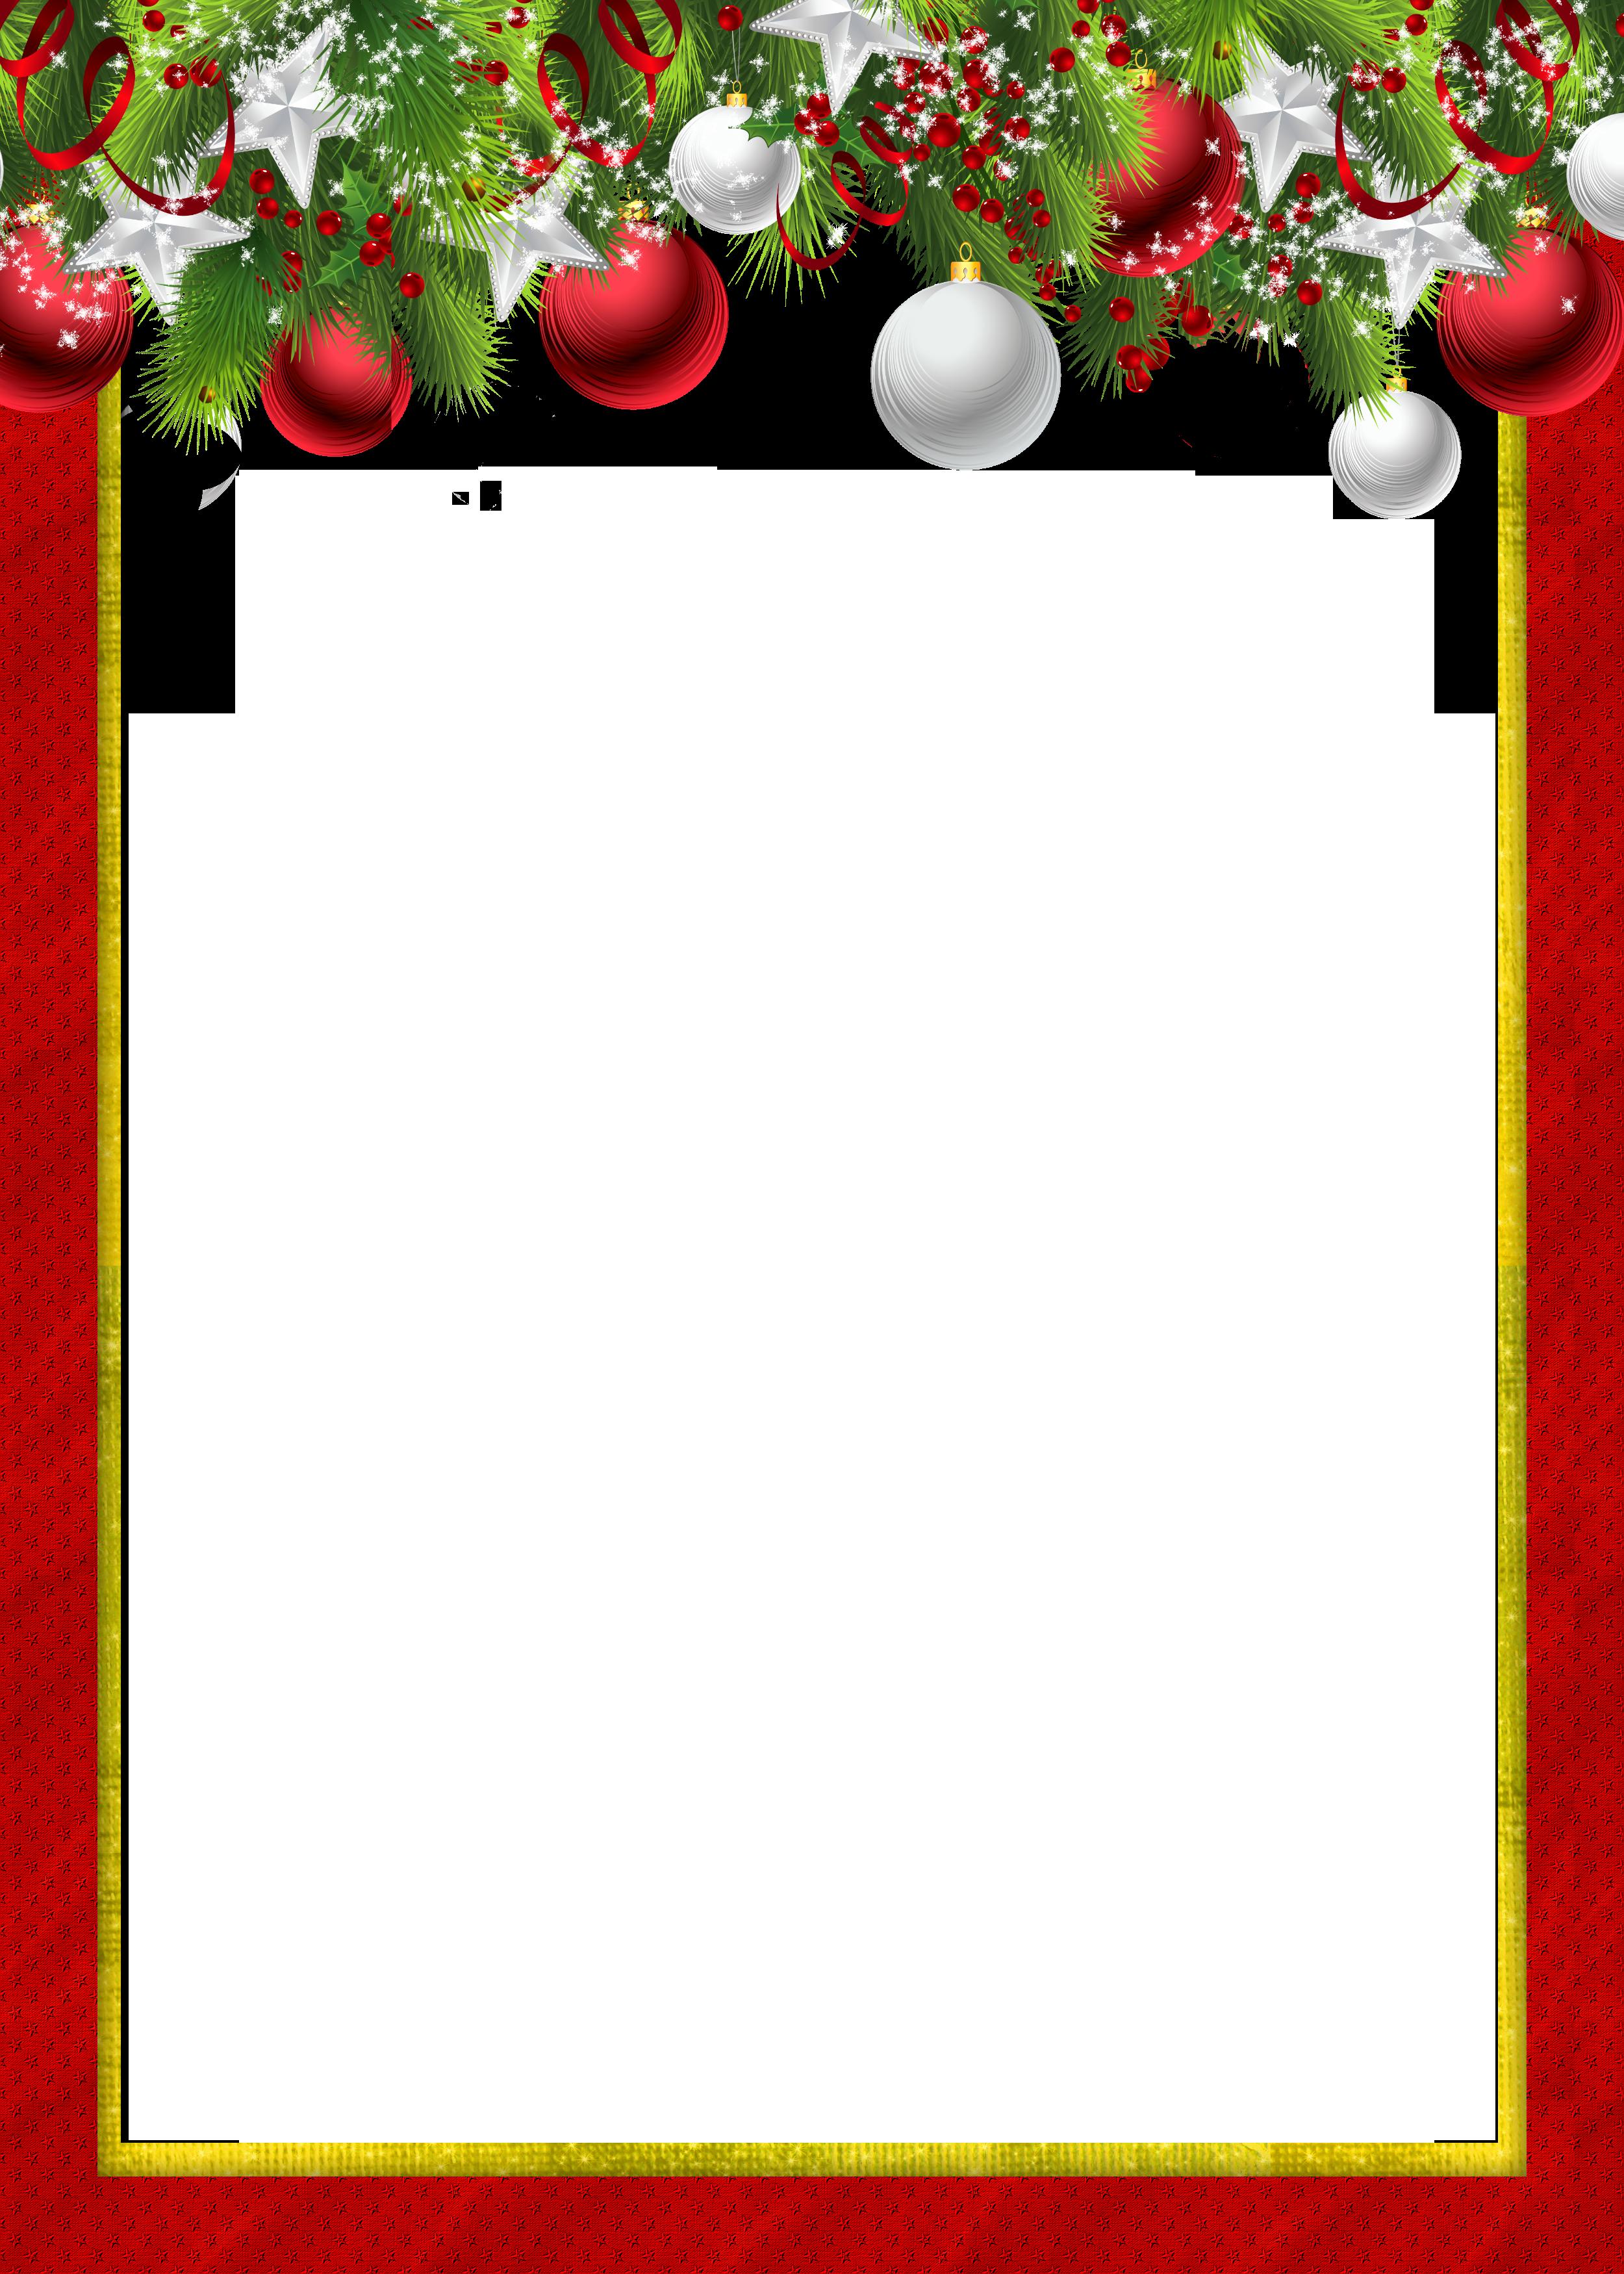 Christmas Frame Transparent Red Transparent Png Christmas Free Christmas Borders Christmas Clipart Free Christmas Border